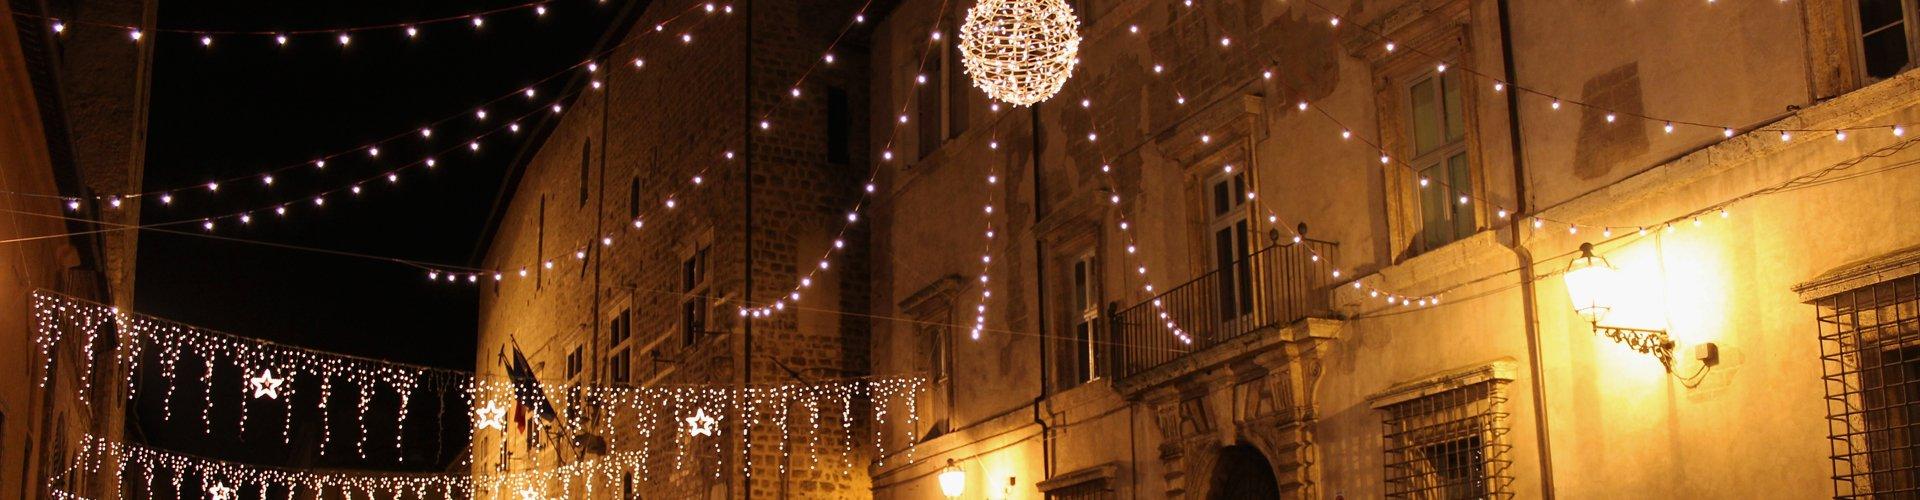 Narni in kerstsfeer, Italië